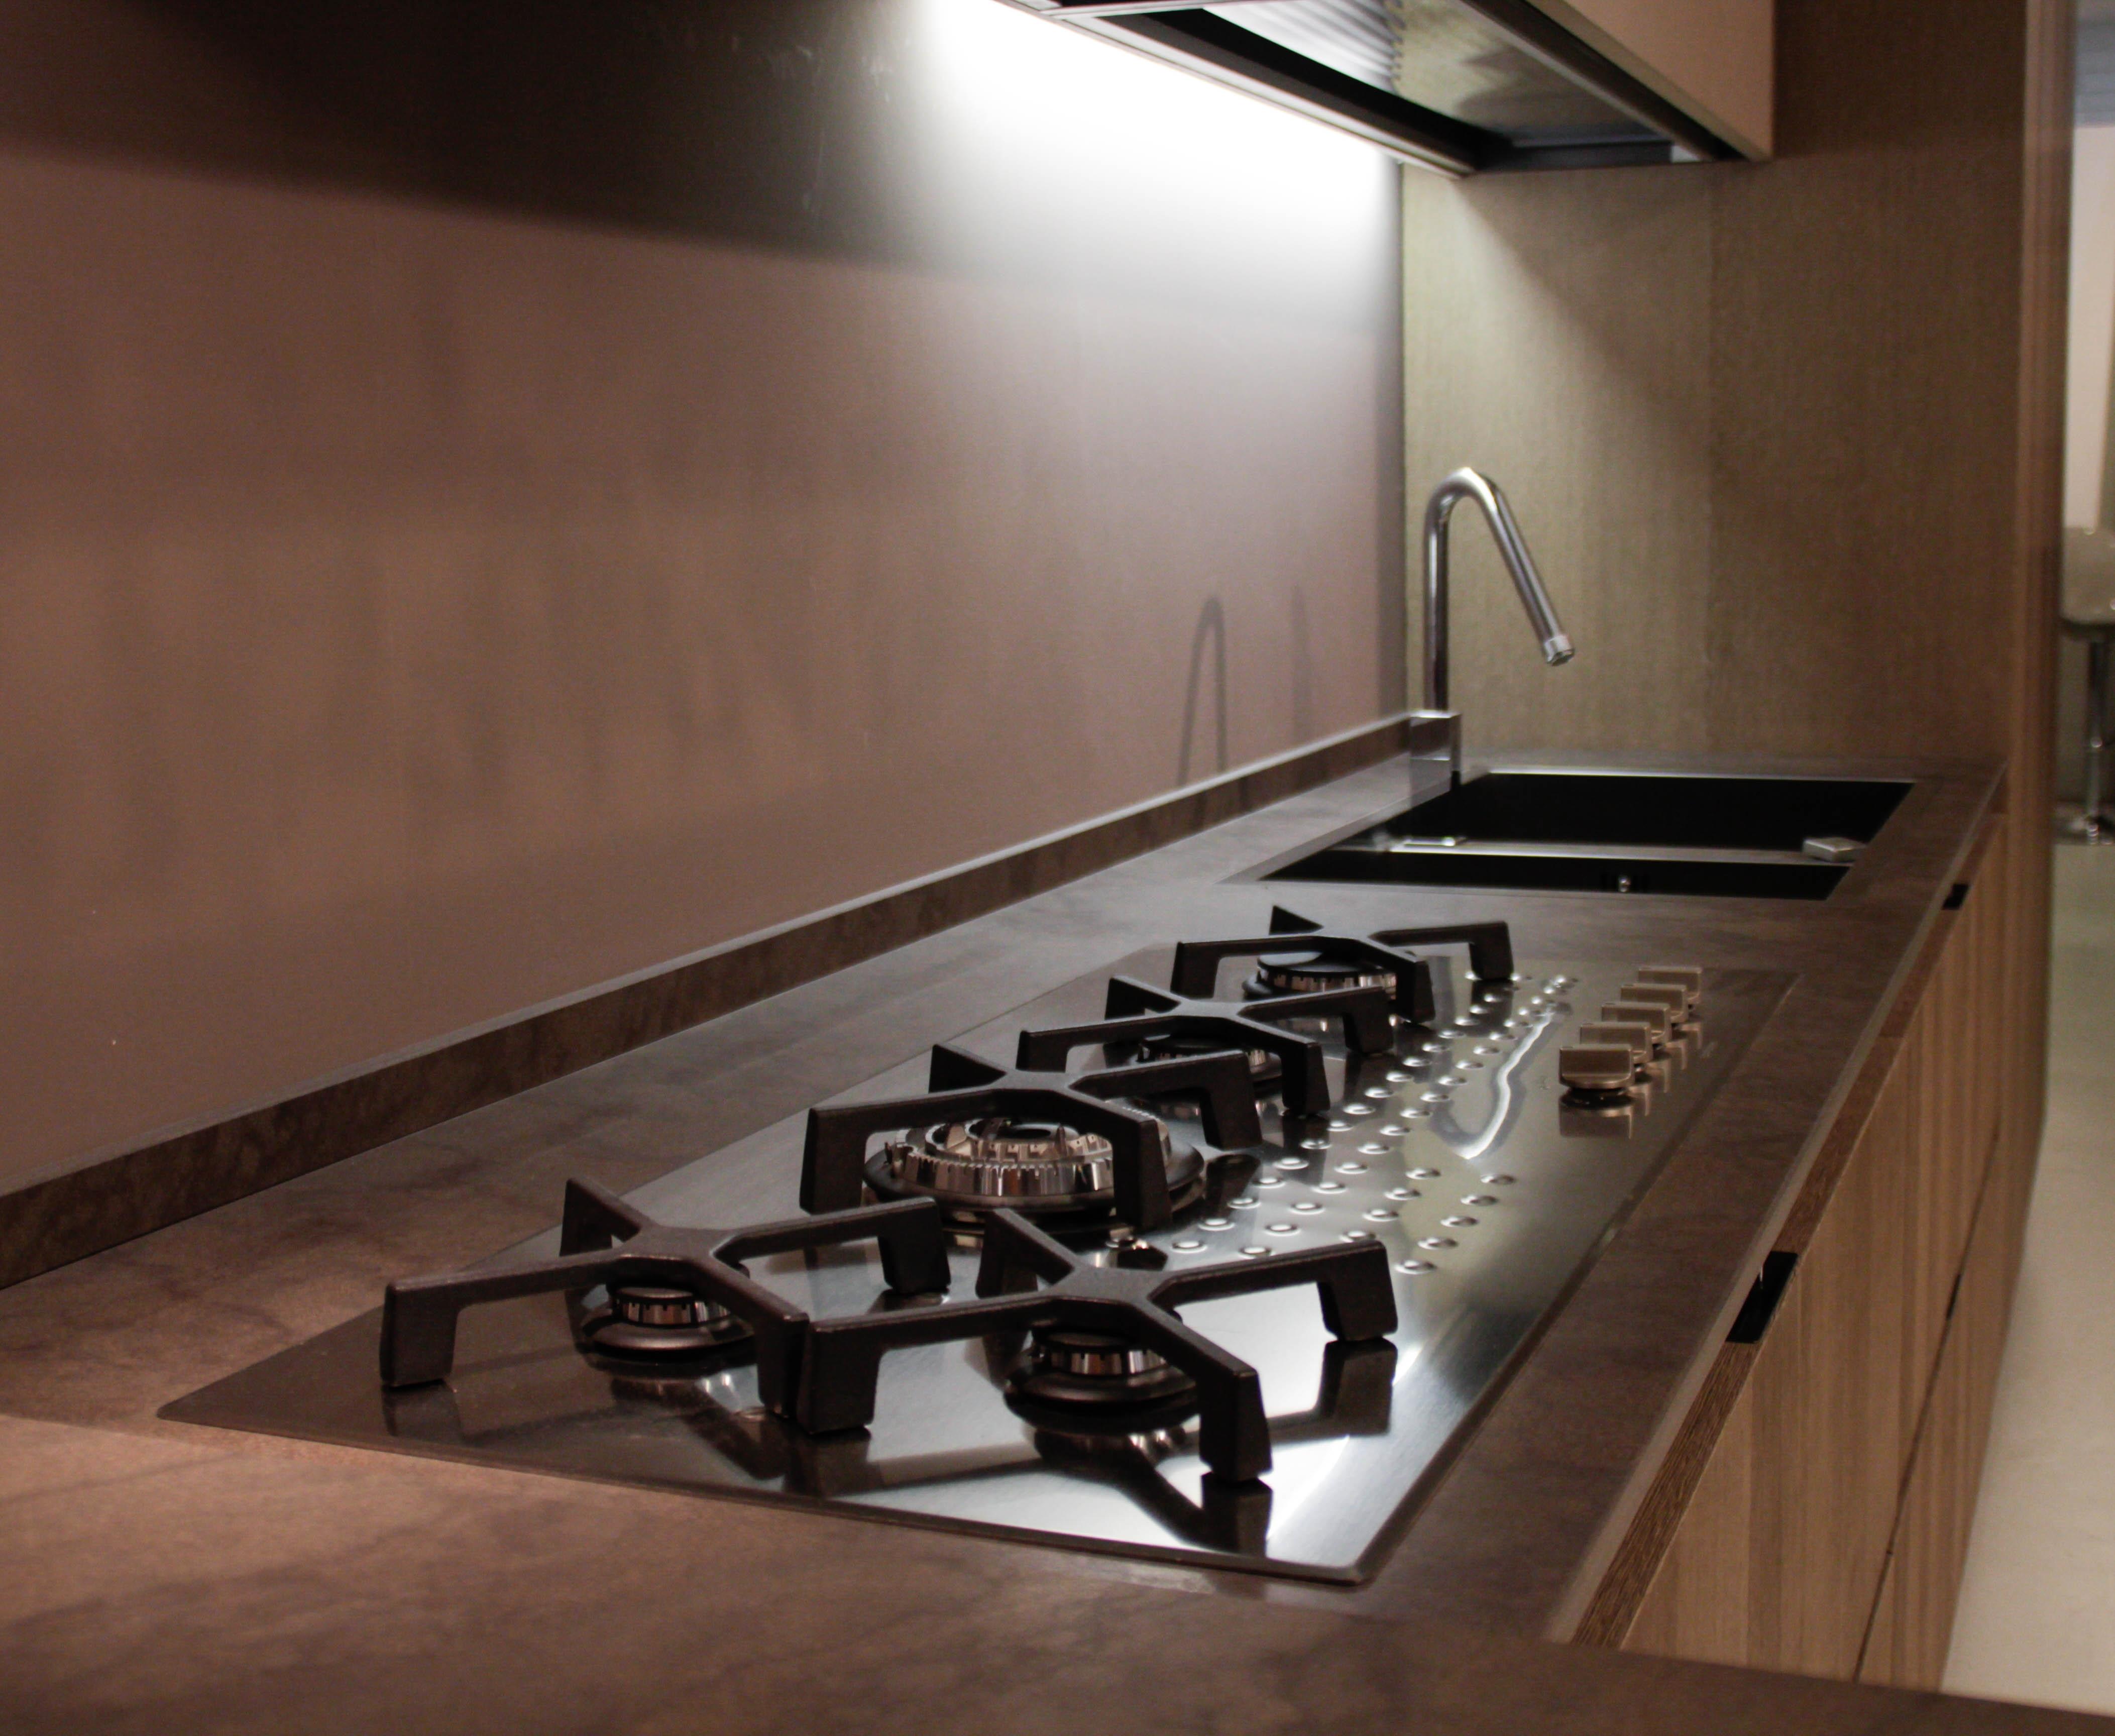 Zampieri cucine cucina line c scontata del 50 cucine - Cucine zampieri prezzi ...